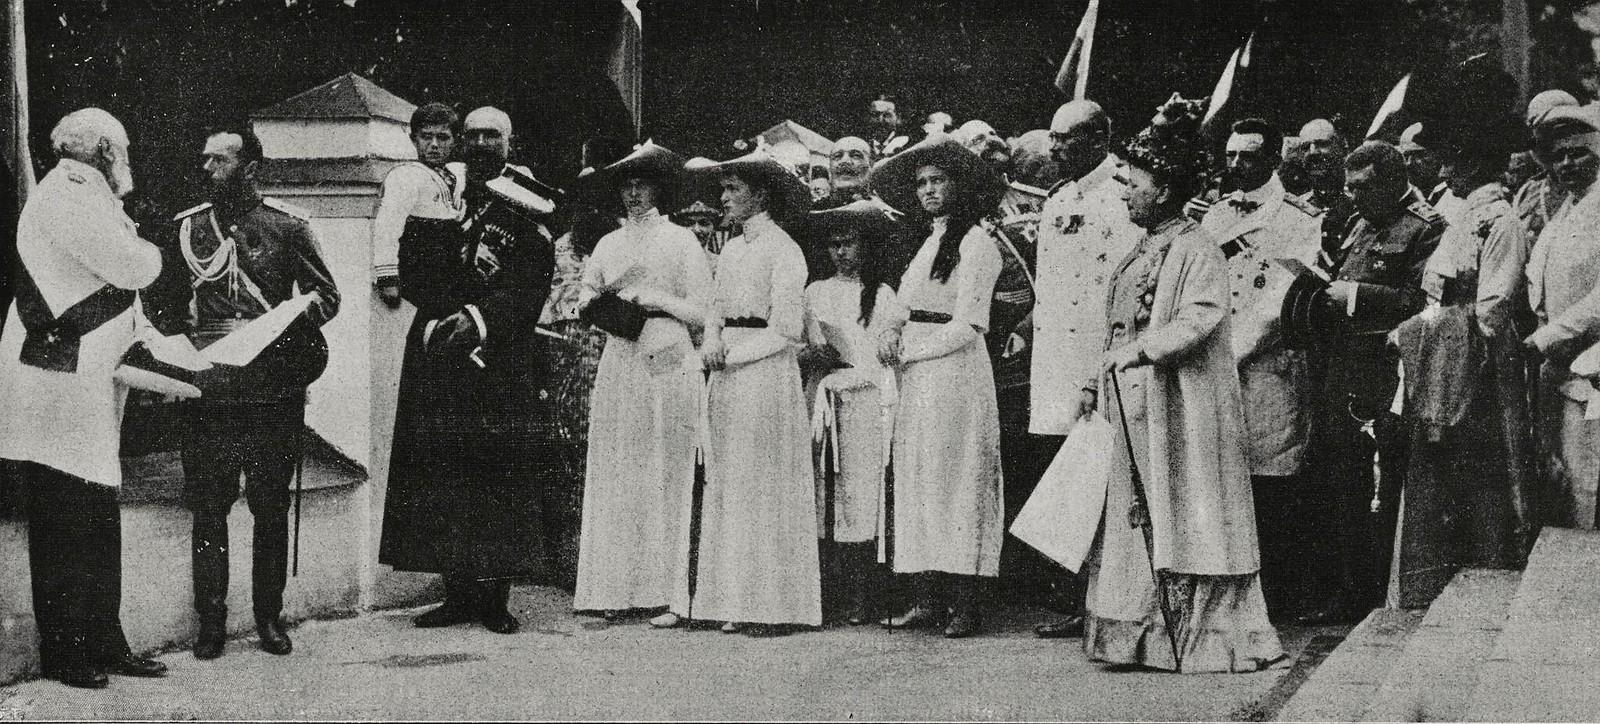 1913. Император Николай II принимает дворян в Ярославле